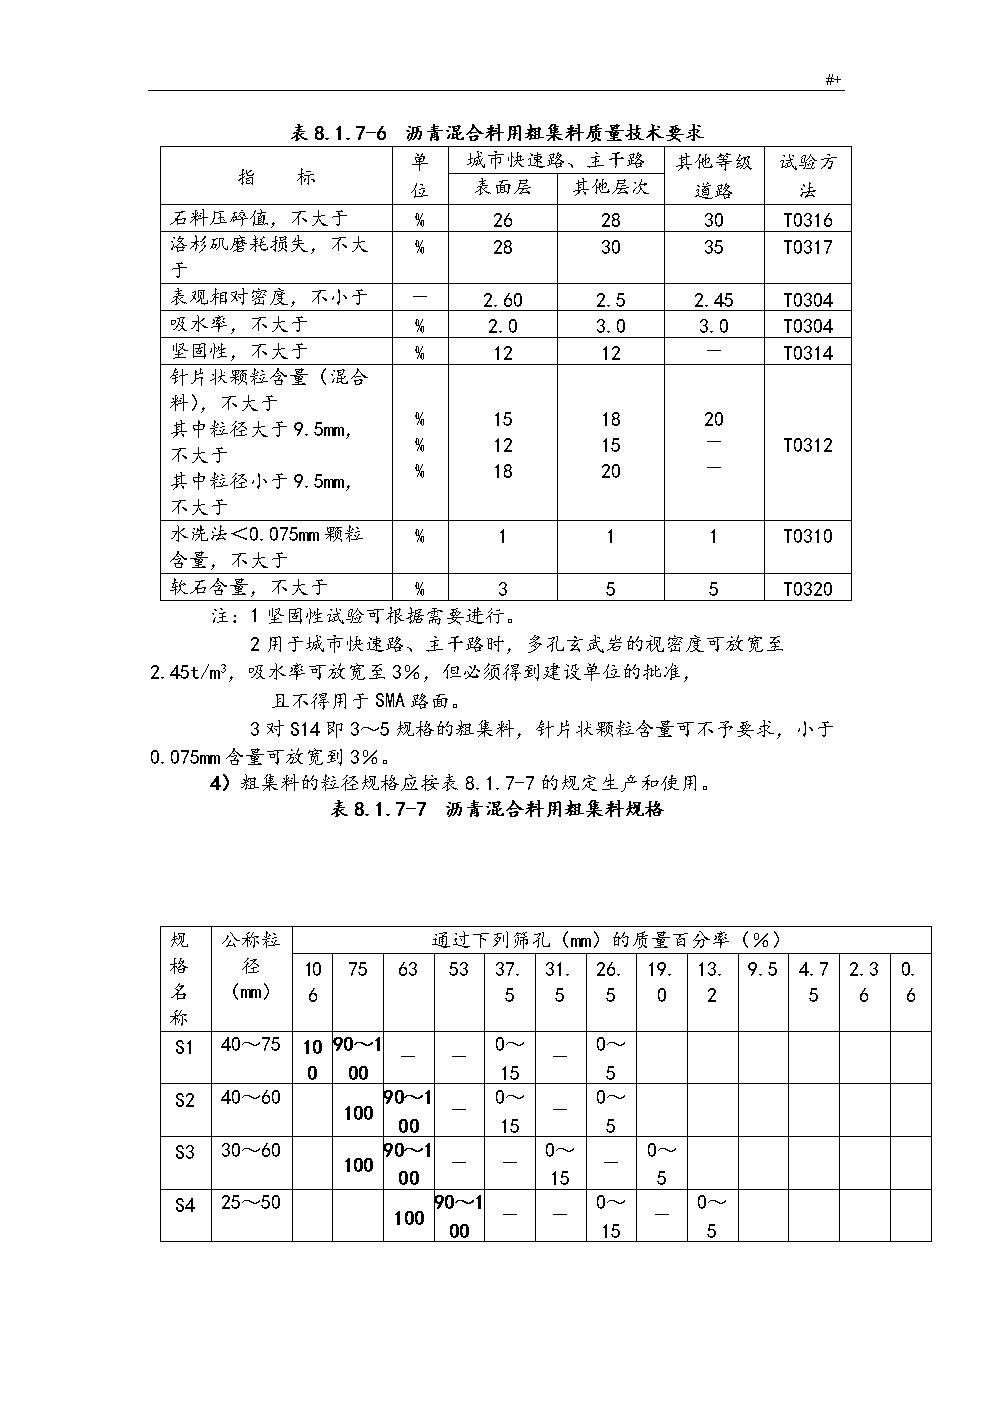 沥青混合料技术全参数资料.doc